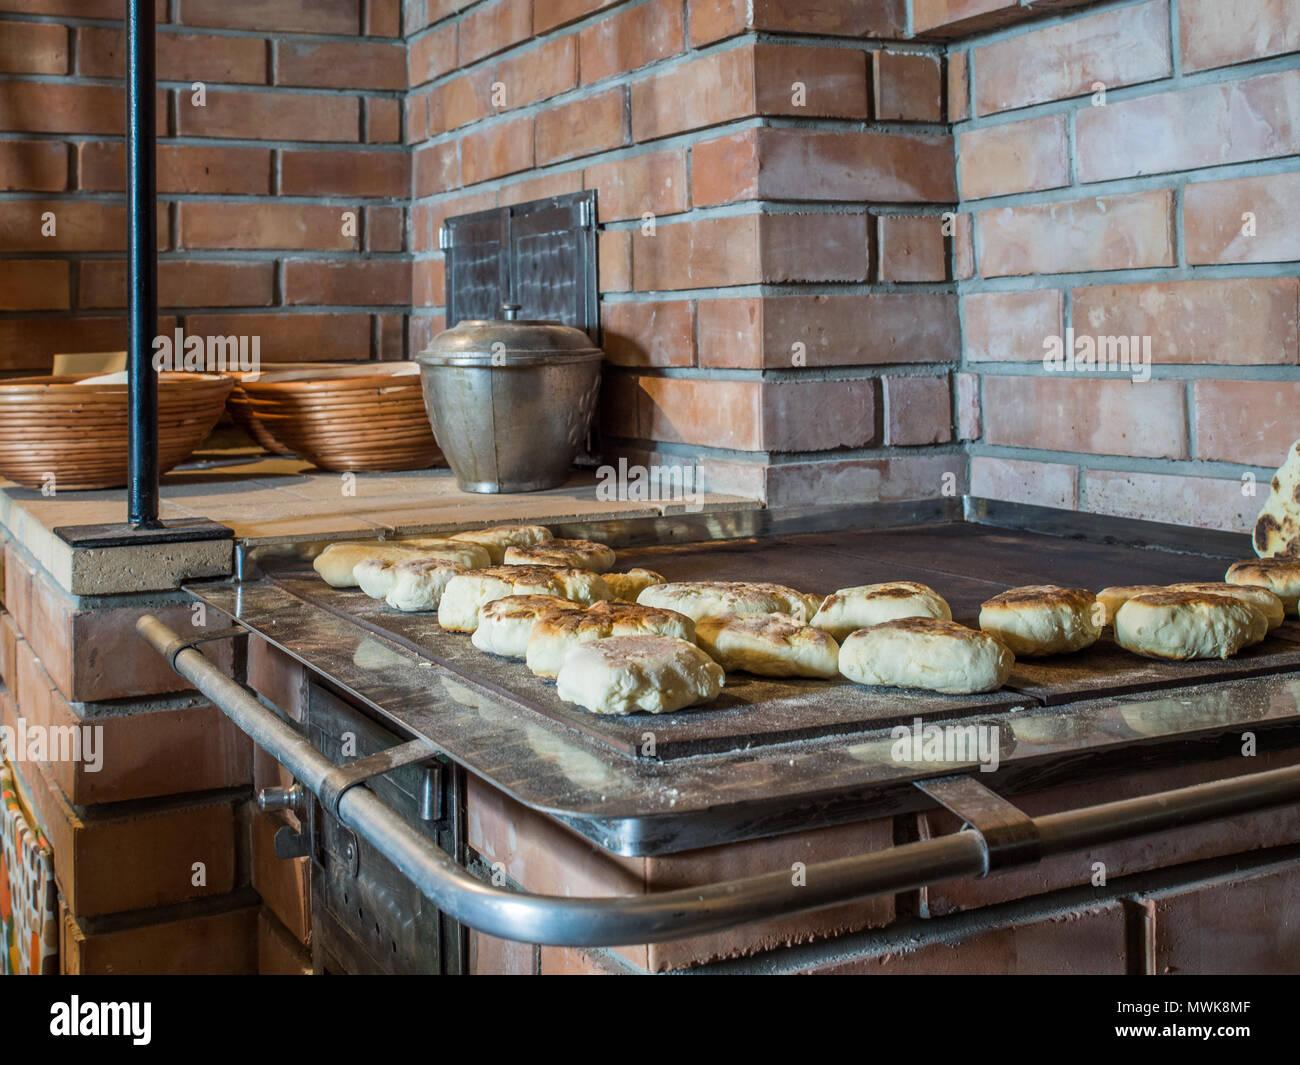 Küche Polen | Pfannkuchen Auf Ein Backblech Pepared Auf Der Kohle Kuche Der